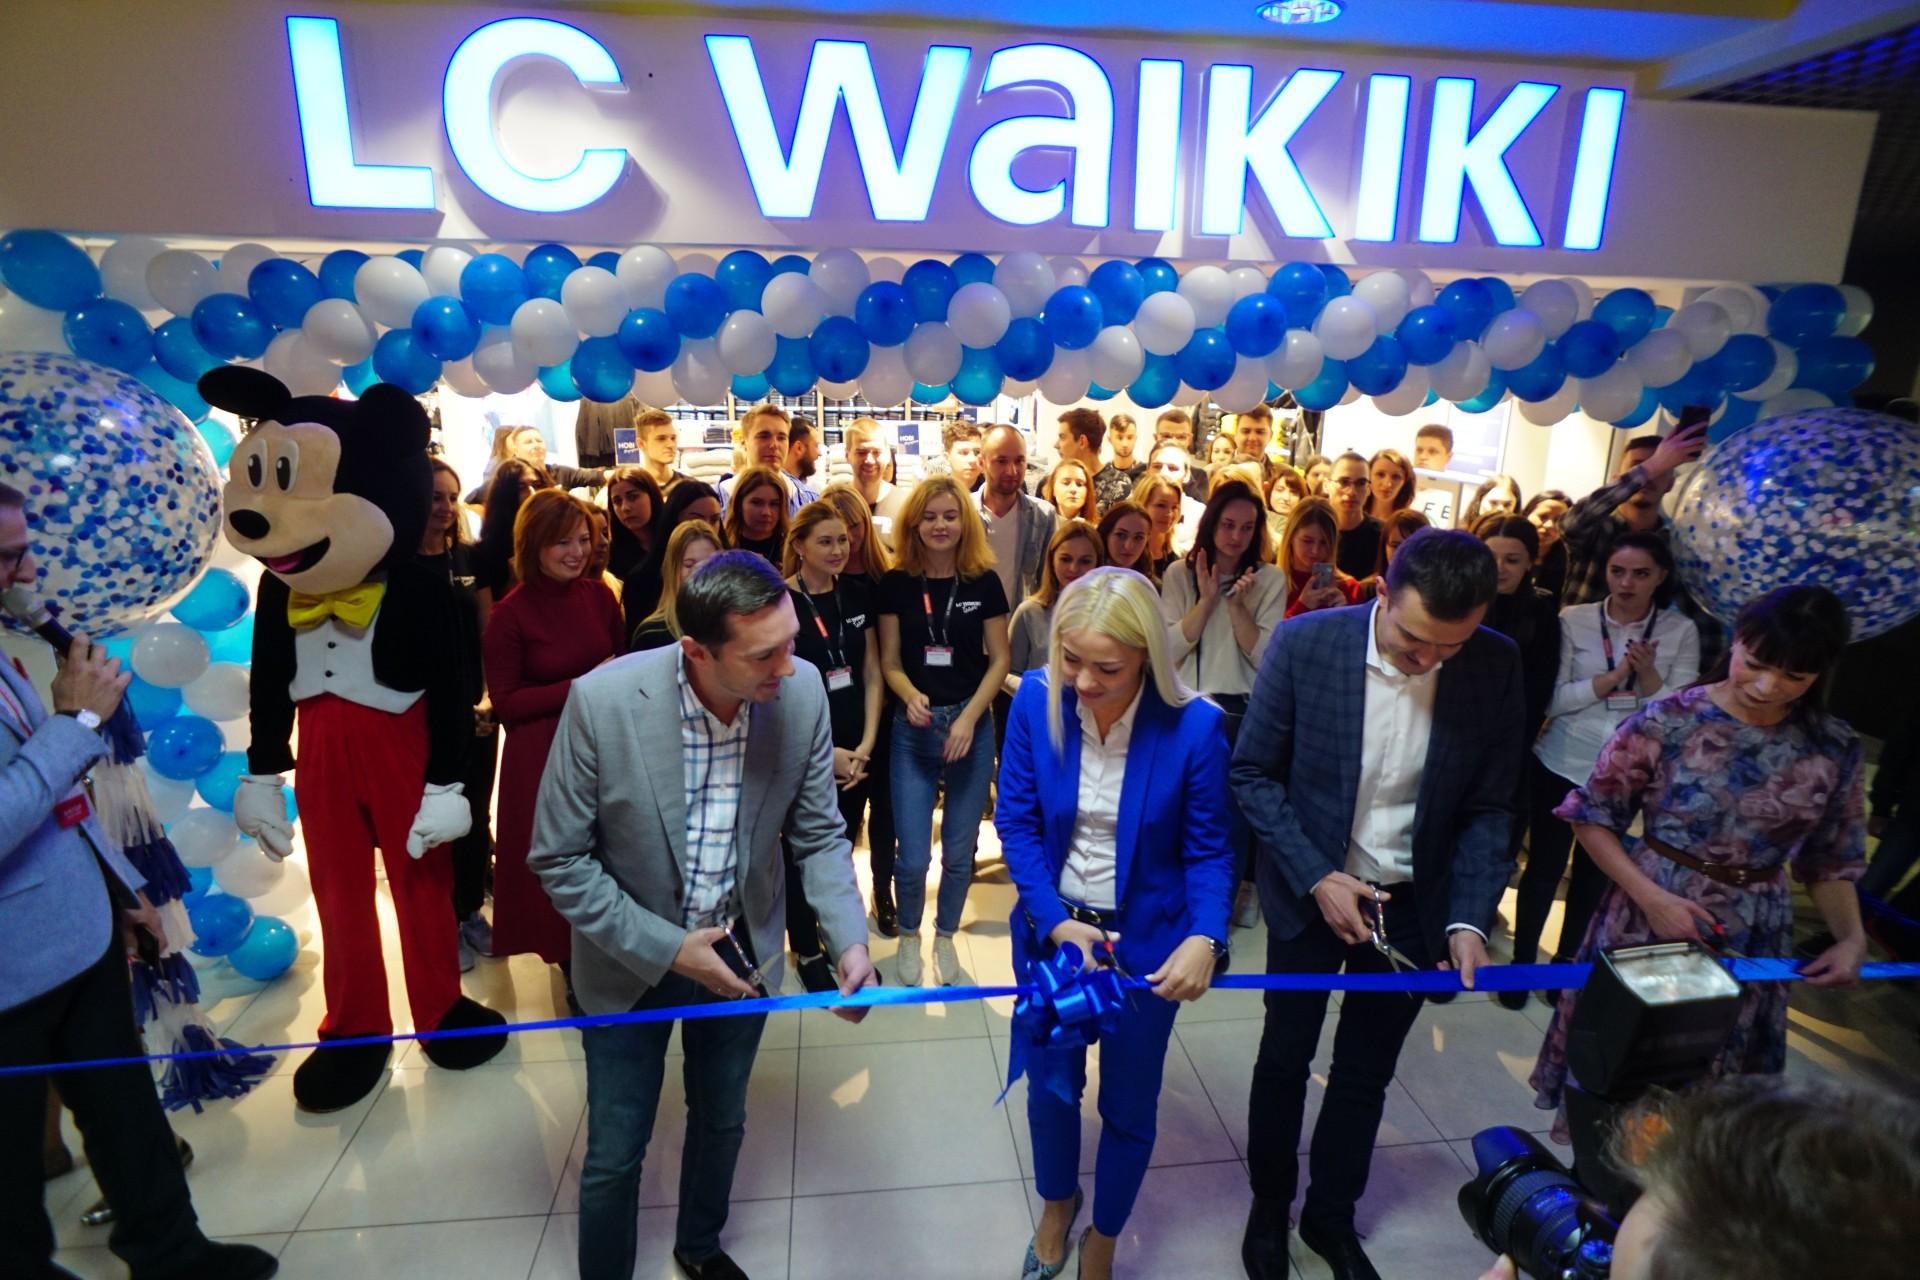 Двоповерховий магазин бренду зайняв площу 940 кв. м в рівненському  торгово-розважальному центрі Злата Плаза f7913c1ad418a